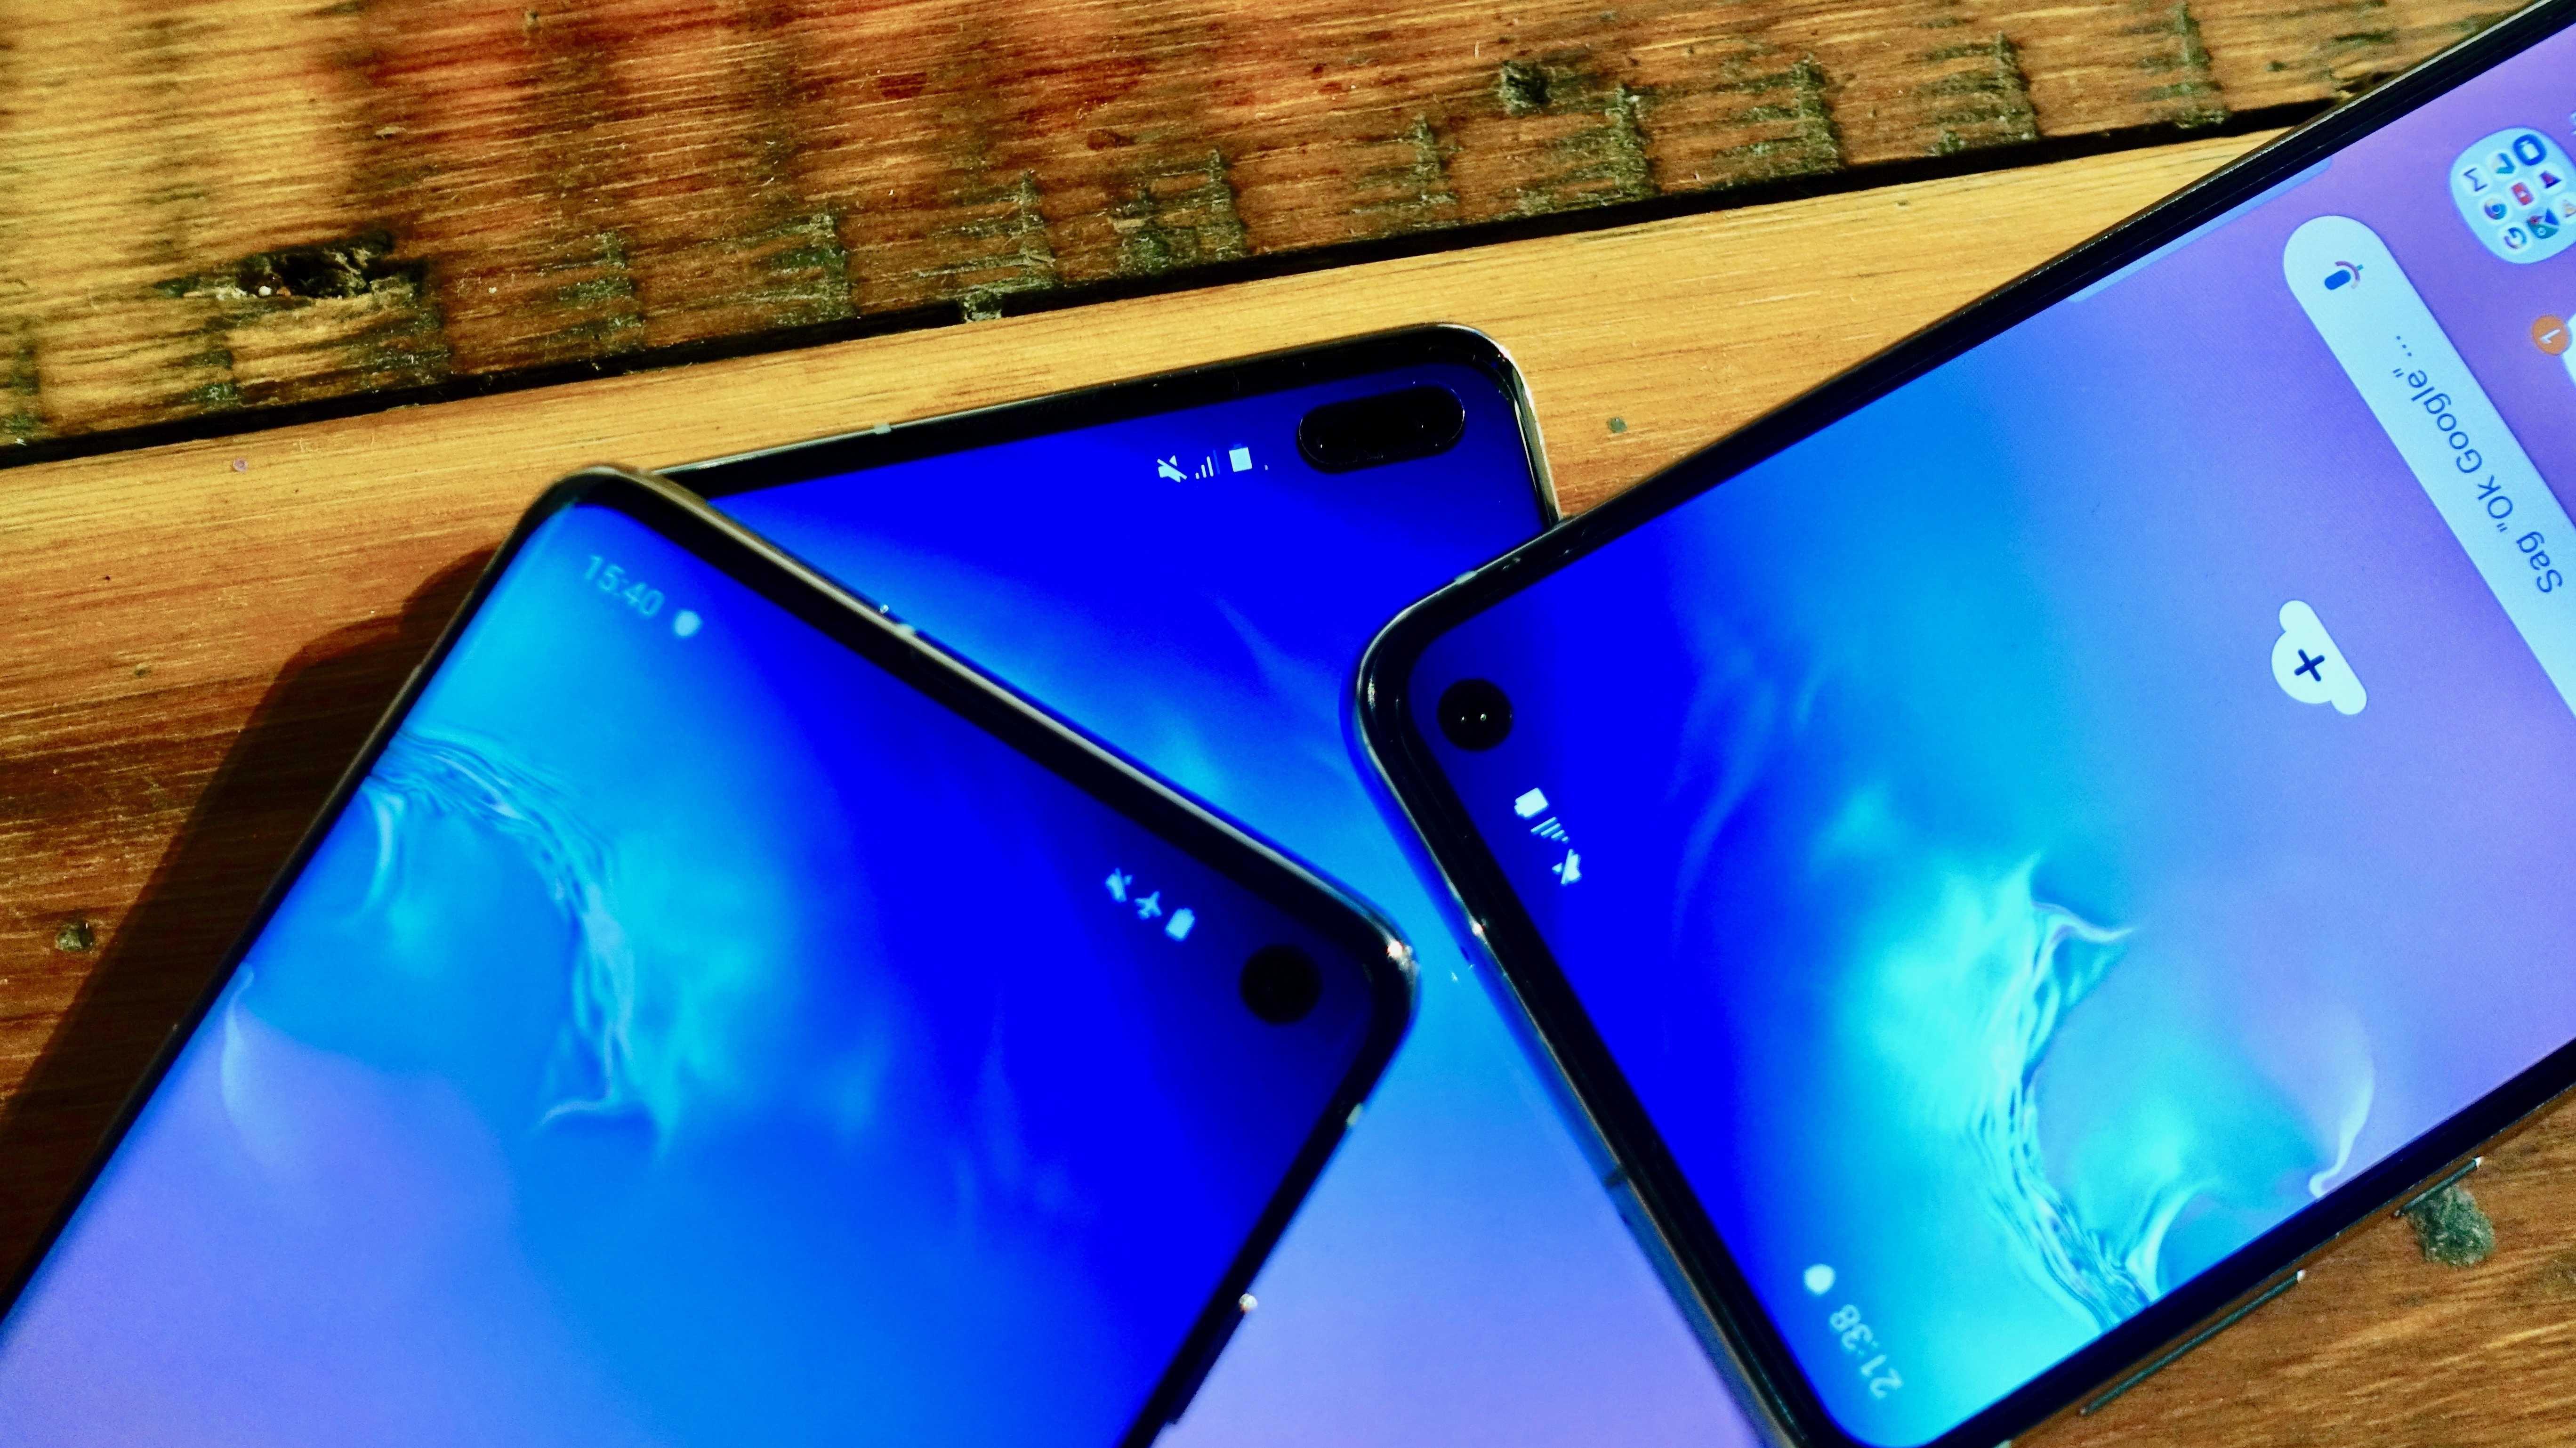 Samsung Galaxy S10: Loch statt Notch, fünf Kameras und drei Versionen